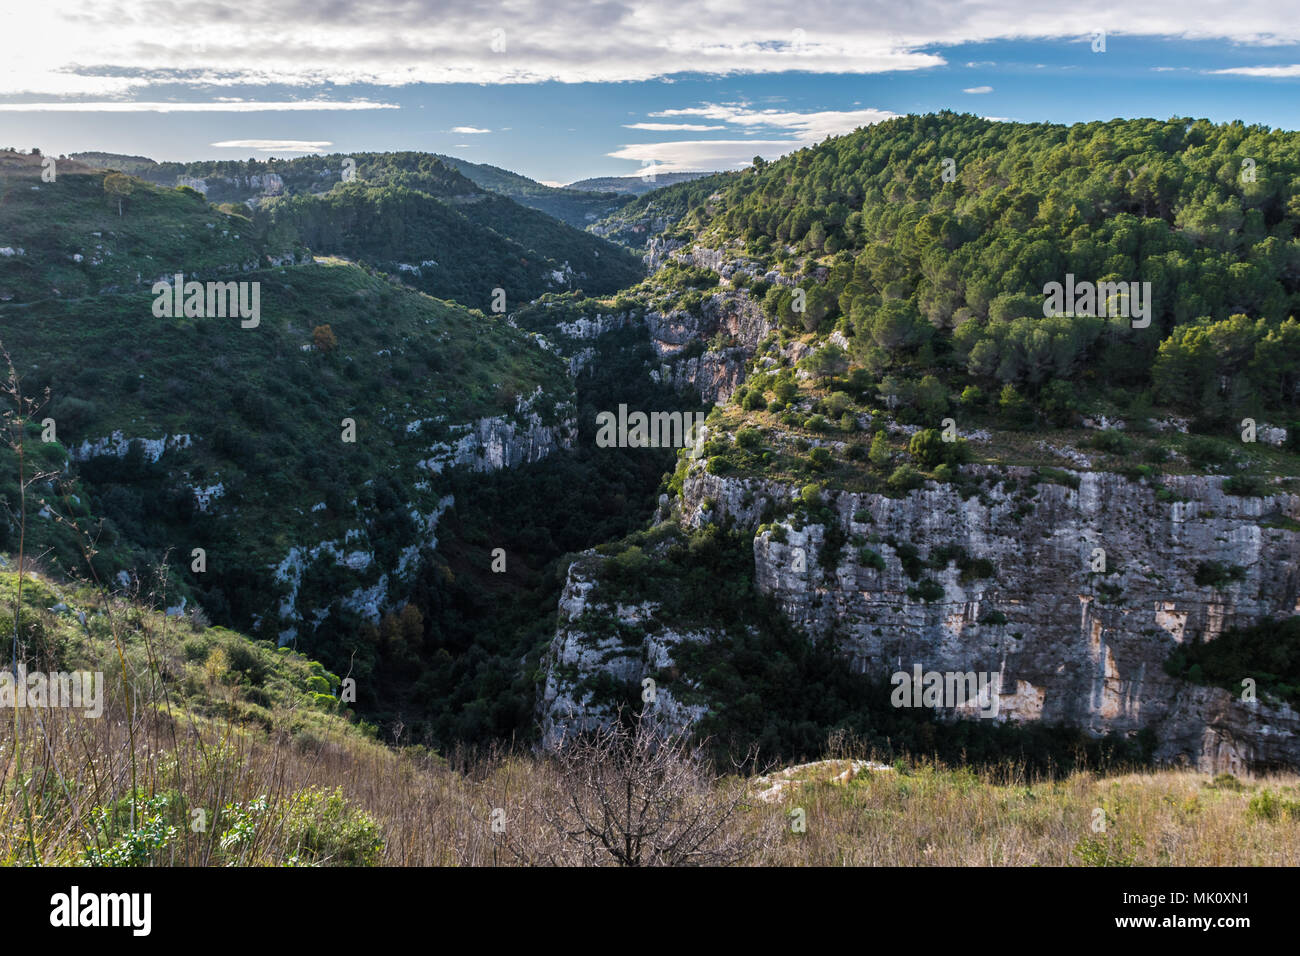 Panoramablick auf die Anapo Tal und die pantalica Plateau in der Nähe von Syrakus, in Sizilien Stockbild